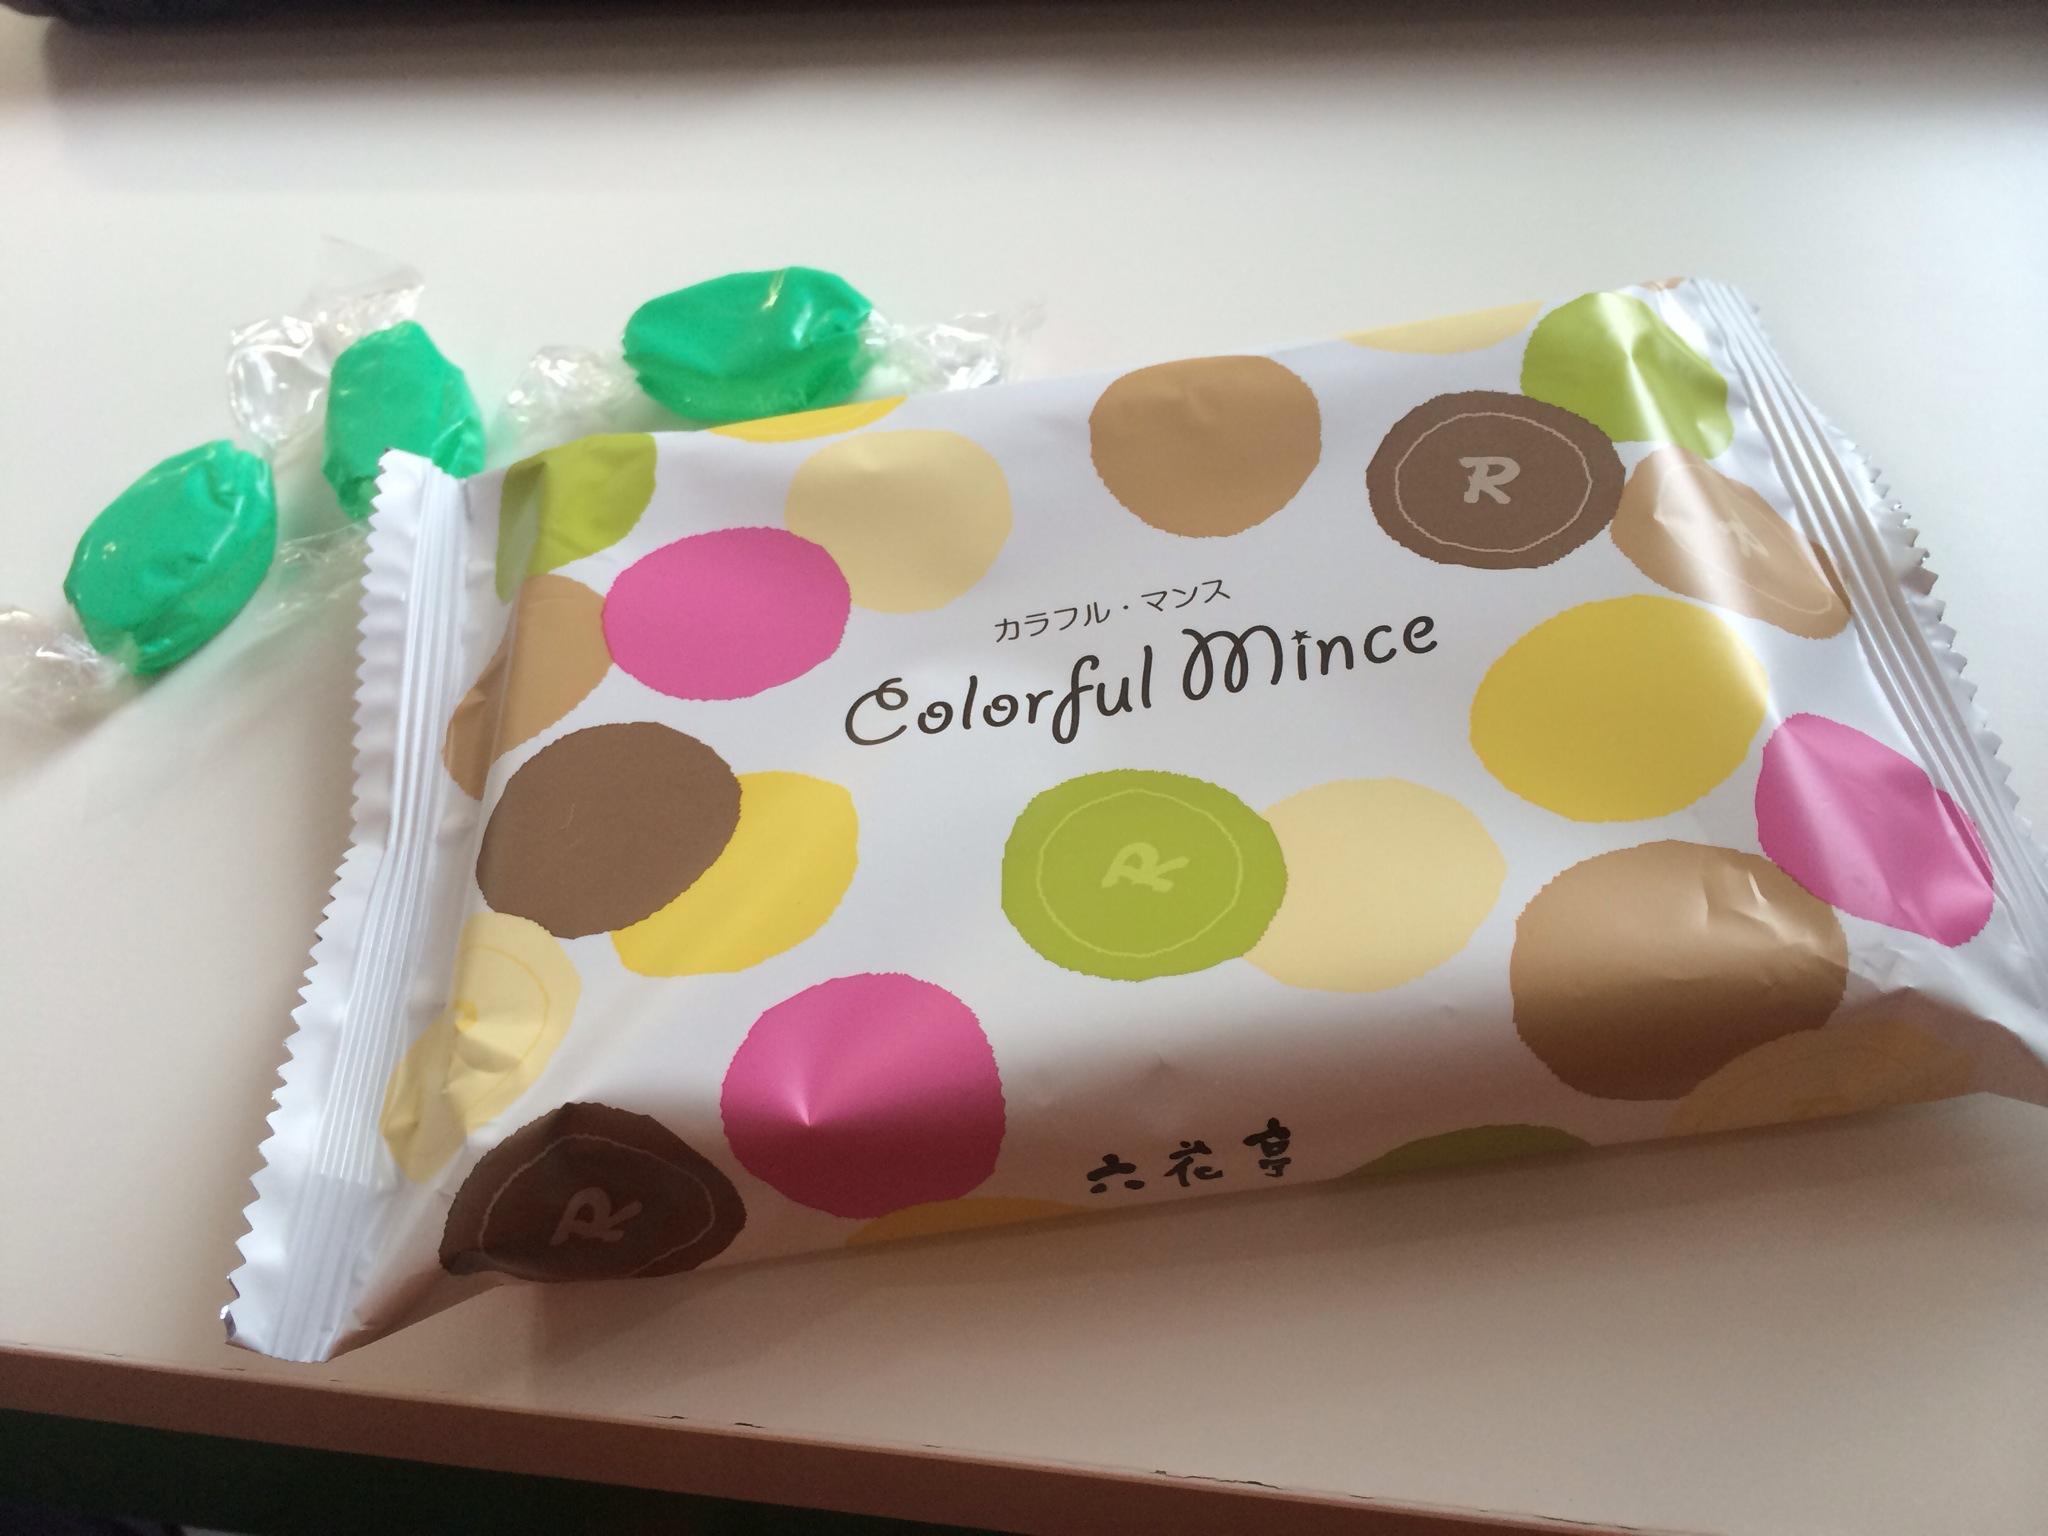 カラフル・マンス!!六花亭!!!!ヽ(^o^)丿